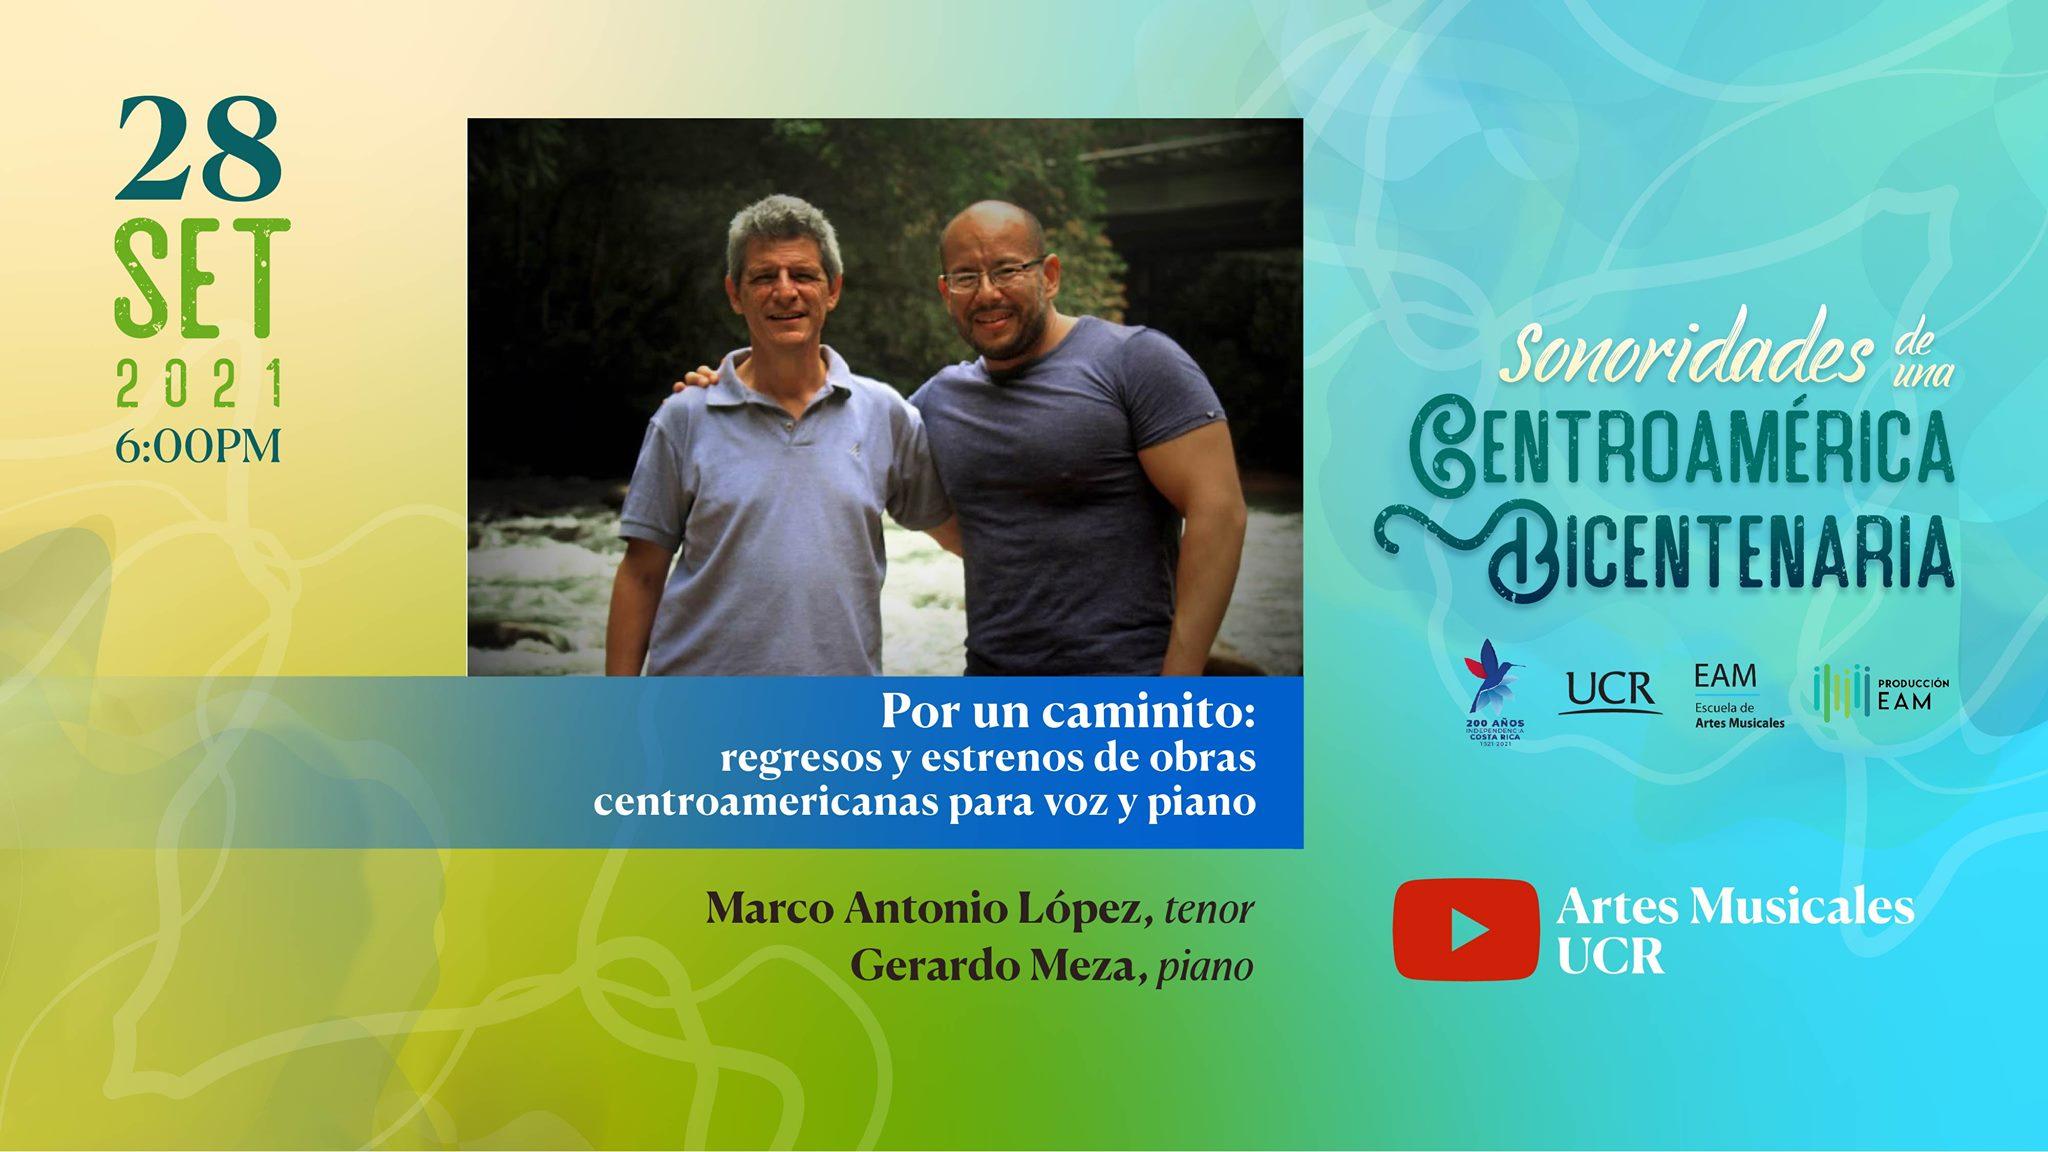 Por un caminito:  regresos y estrenos de obras centroamericanas  para voz y piano